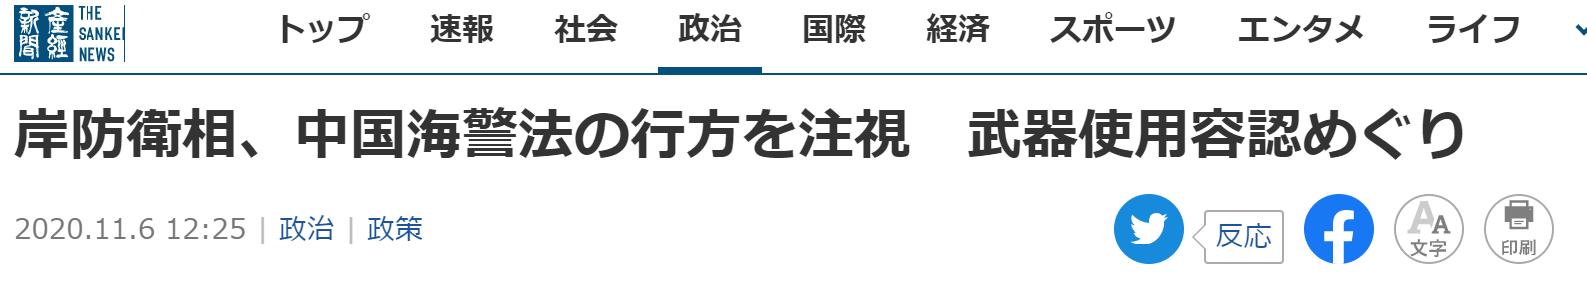 """日媒炒作中国《海警法》草案允许使用武力条款,日防卫大臣急""""灭火""""图片"""